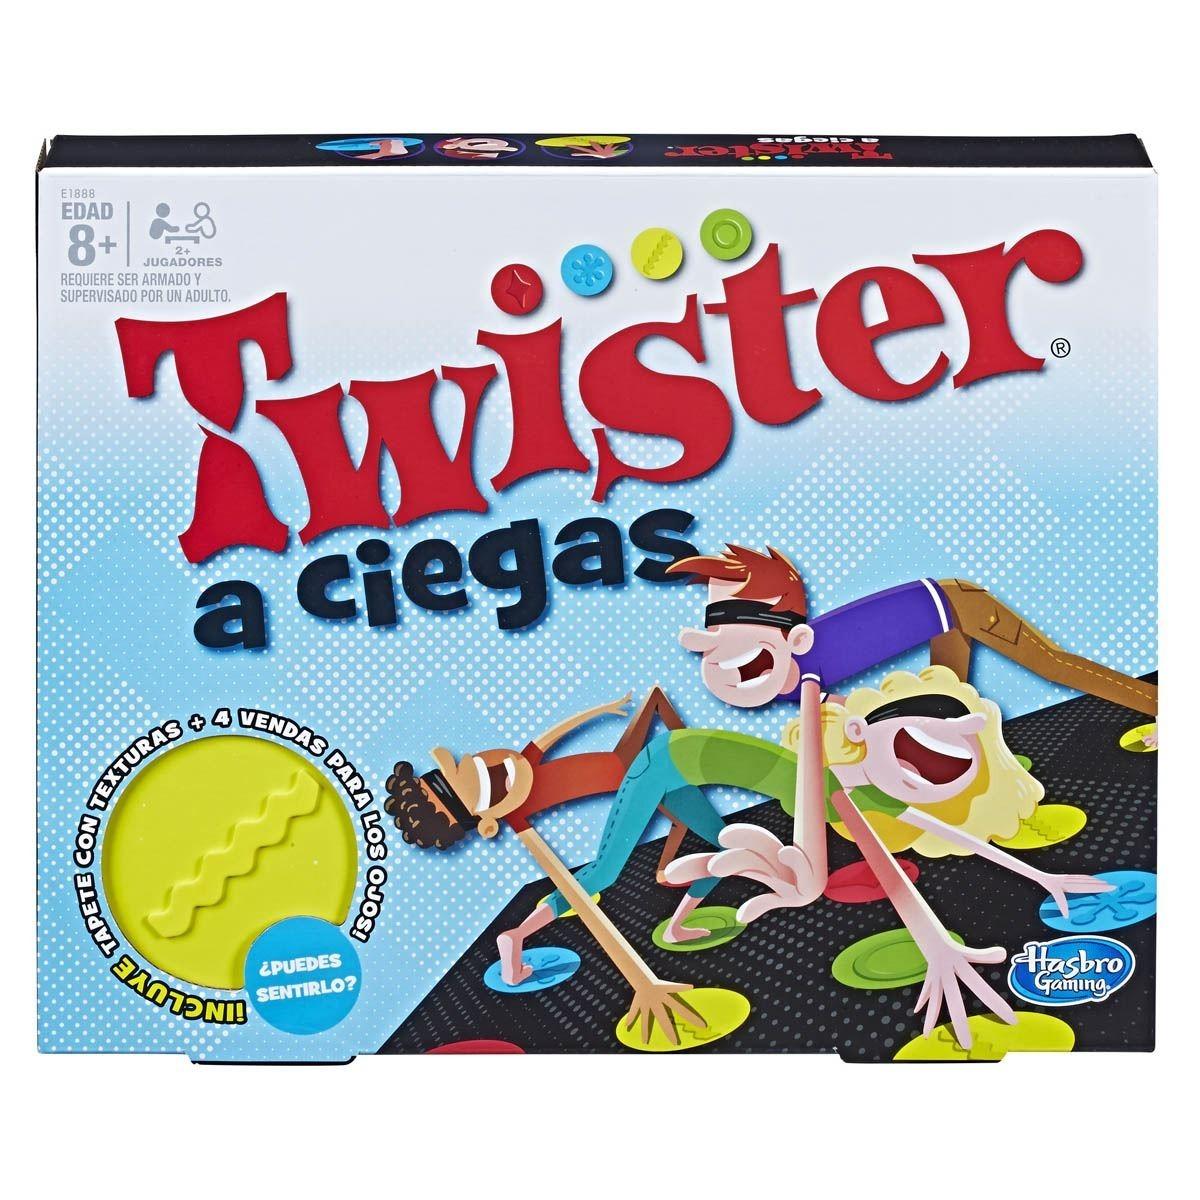 Juego Twister A Ciegas Original Envio Gratis Hasbro 640 00 En